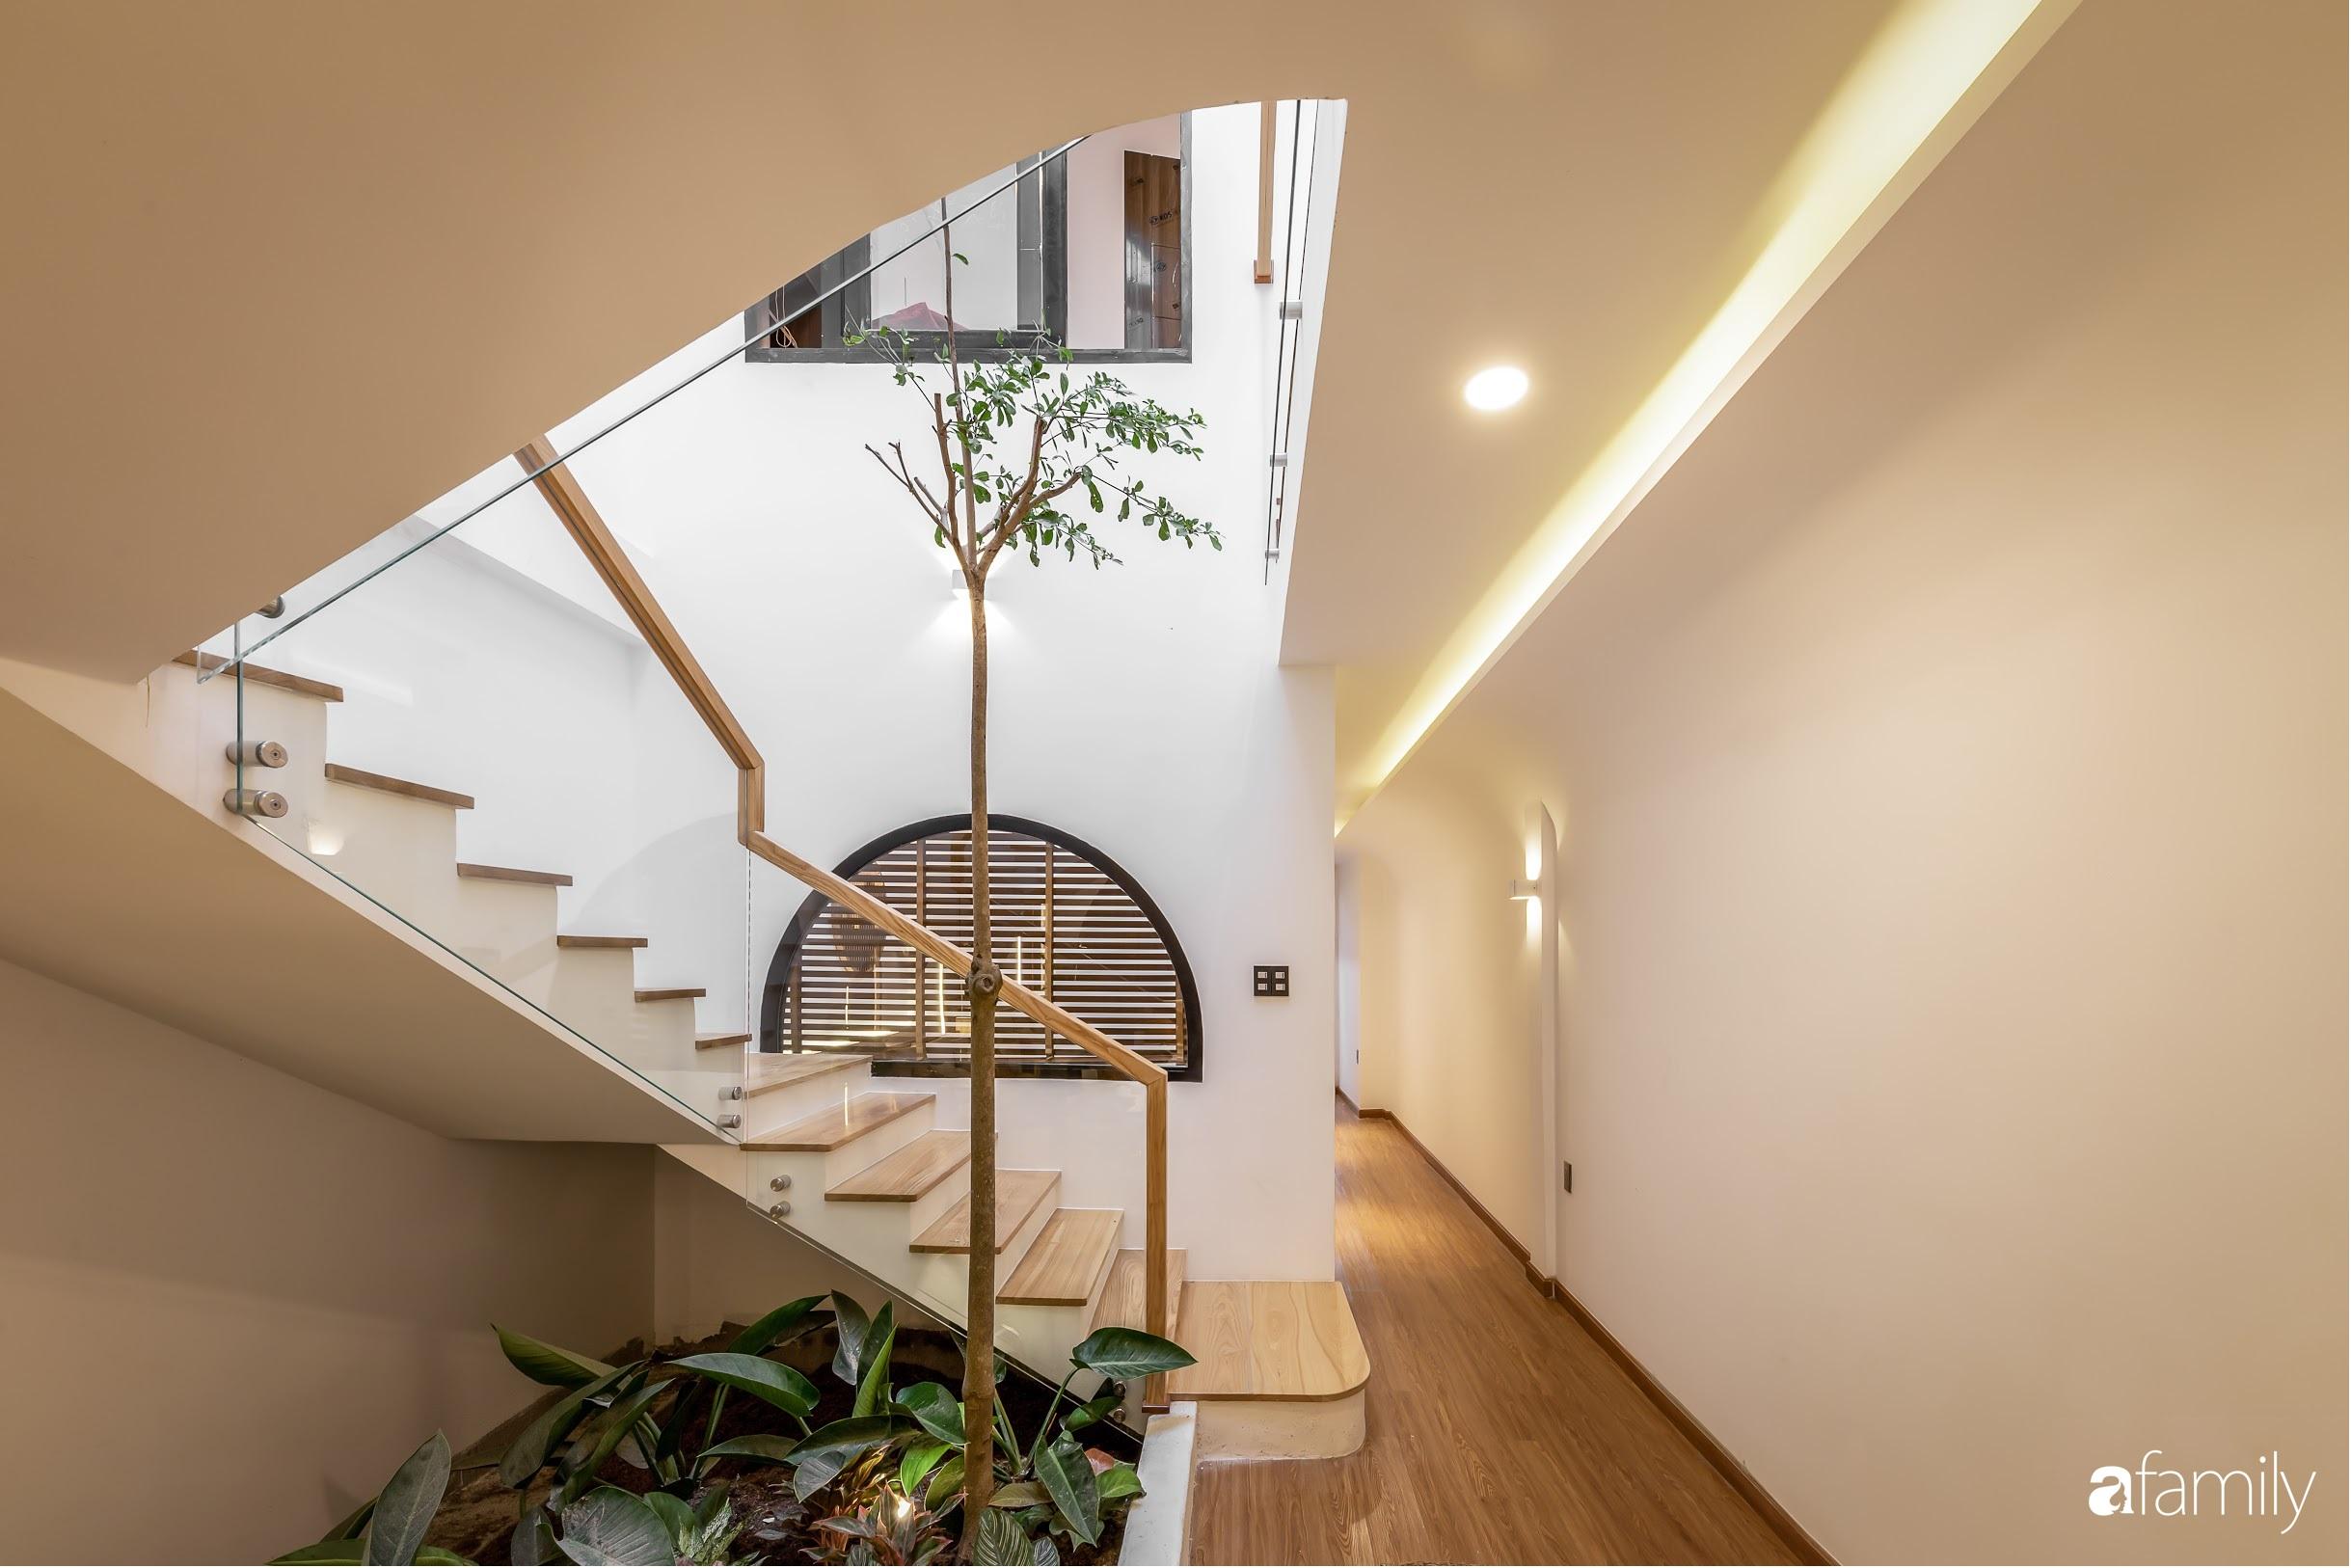 Nhà phố Tiền Giang đẹp hài hòa với thiết kế hiện đại, bố trí nội thất thông minh với chi phí 1,8 tỉ đồng - Ảnh 4.